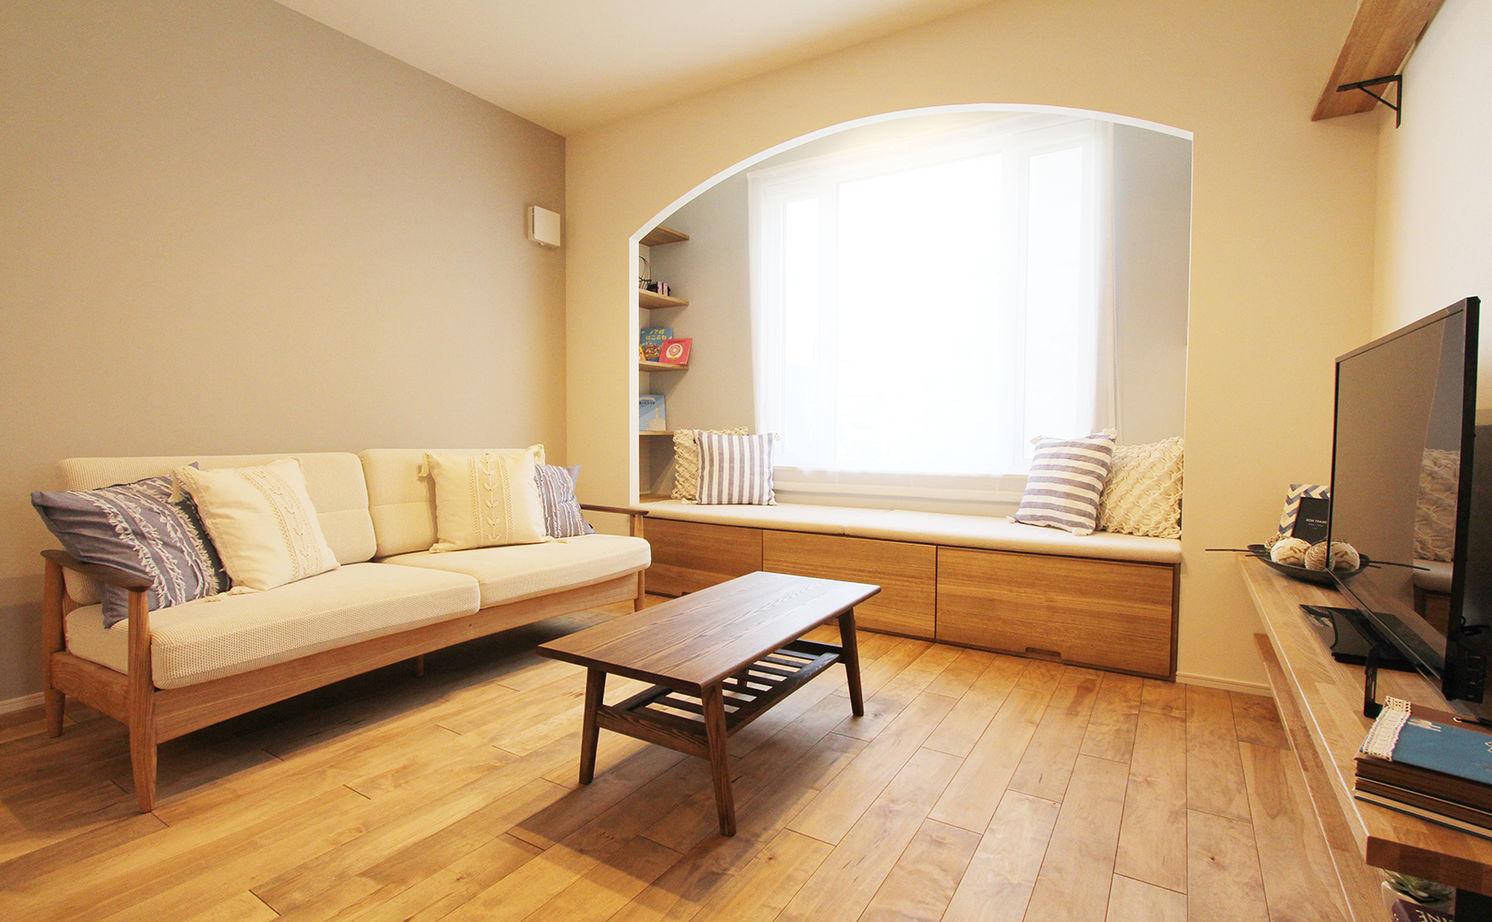 【間取図/無垢床&床暖房/家カフェ風/ヌック】30坪台のコンパクトな家でのびのびと豊かに暮らす画像2